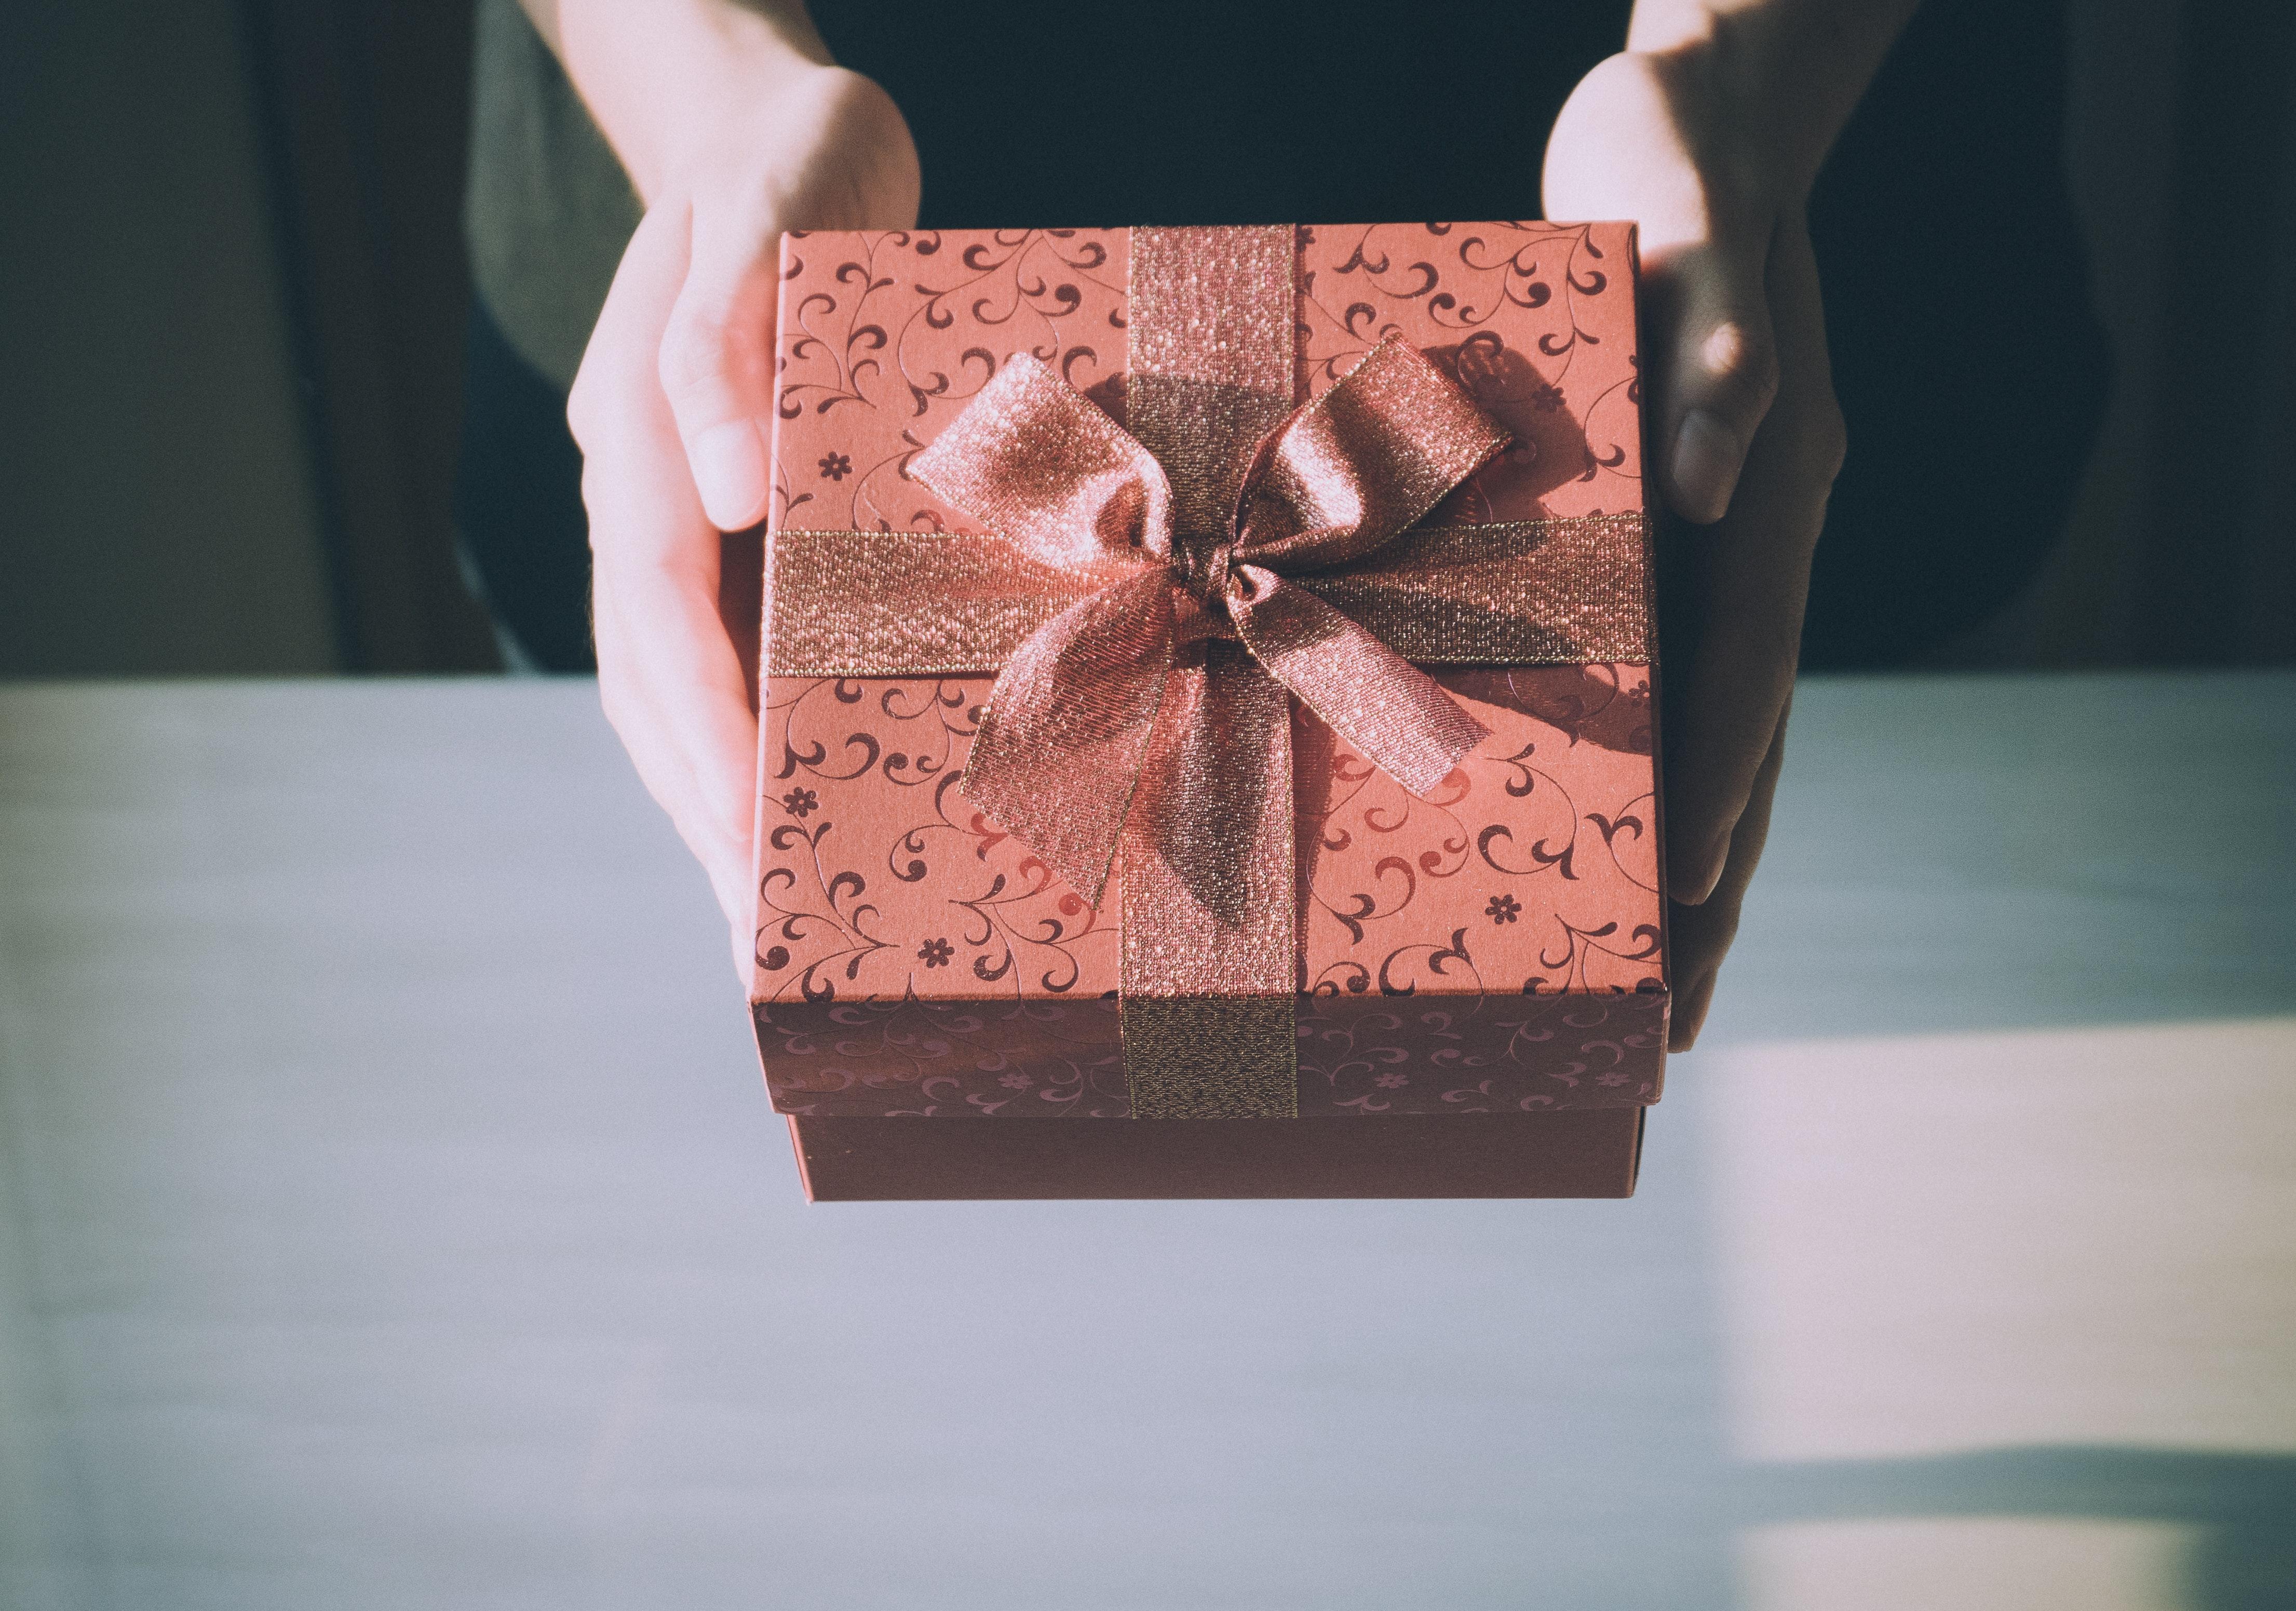 חודש המכירות מתחיל, אילו מתנות לבית שווה לקנות?